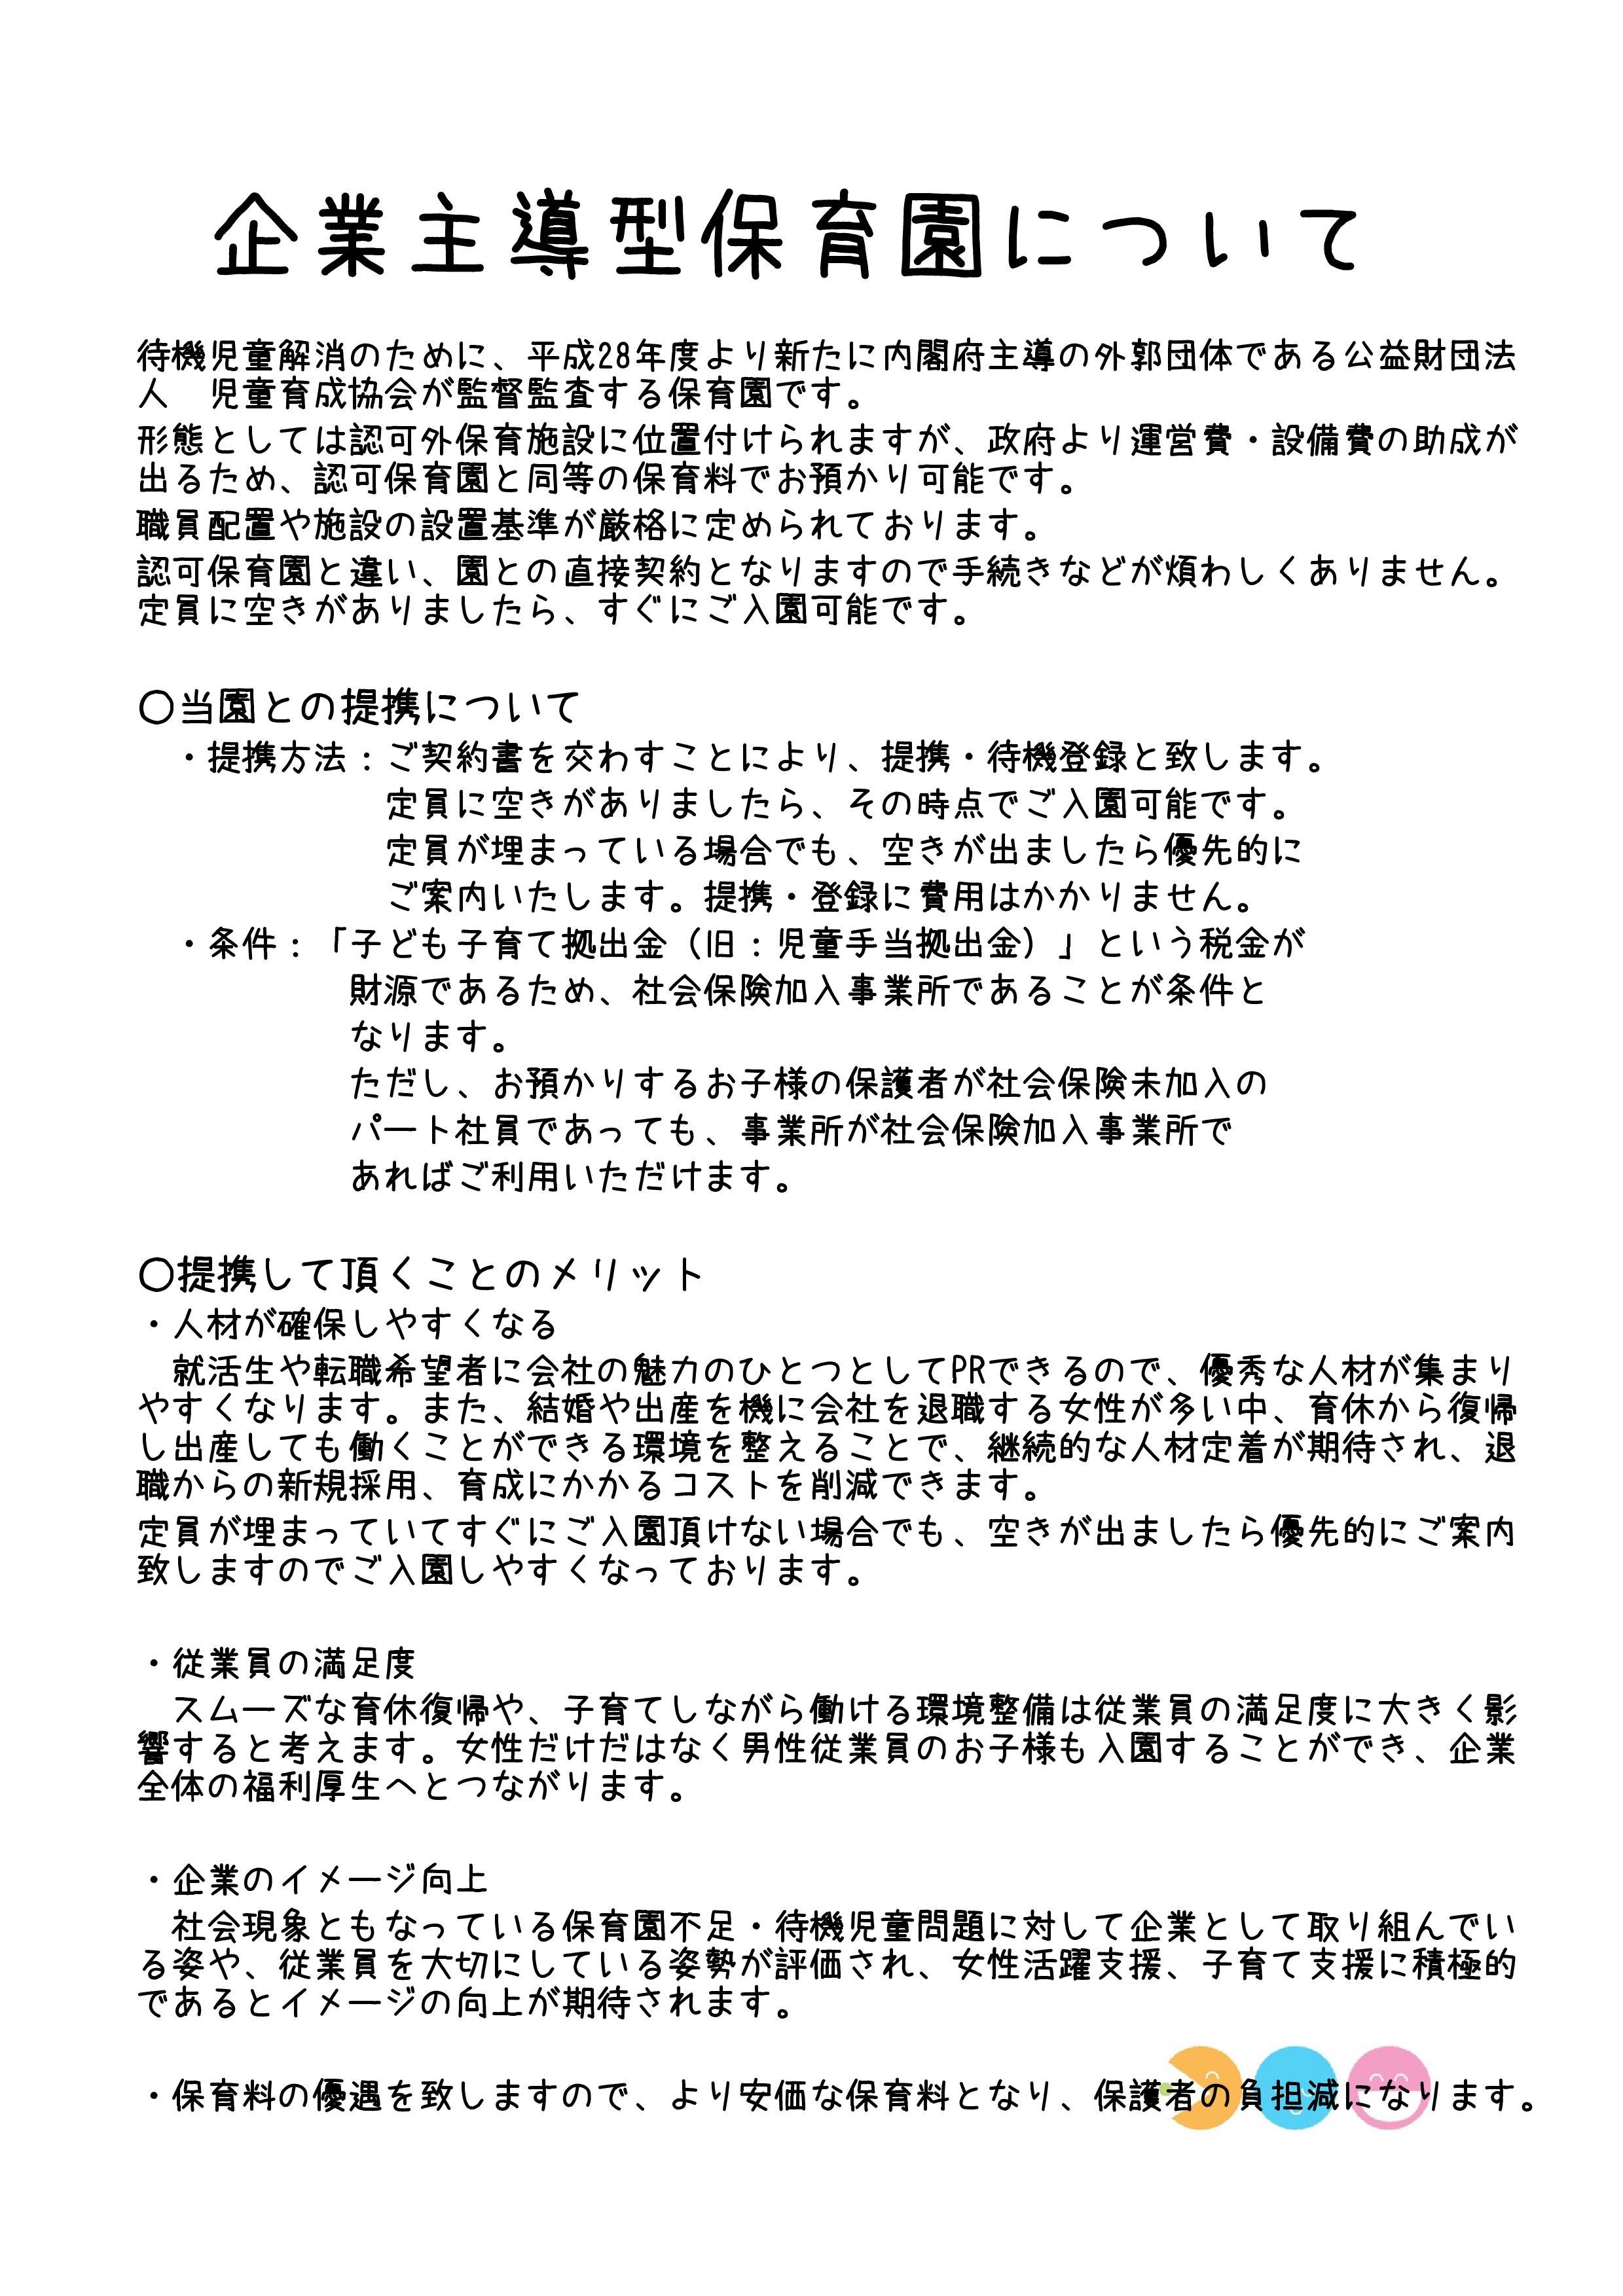 入園案内-009.jpg